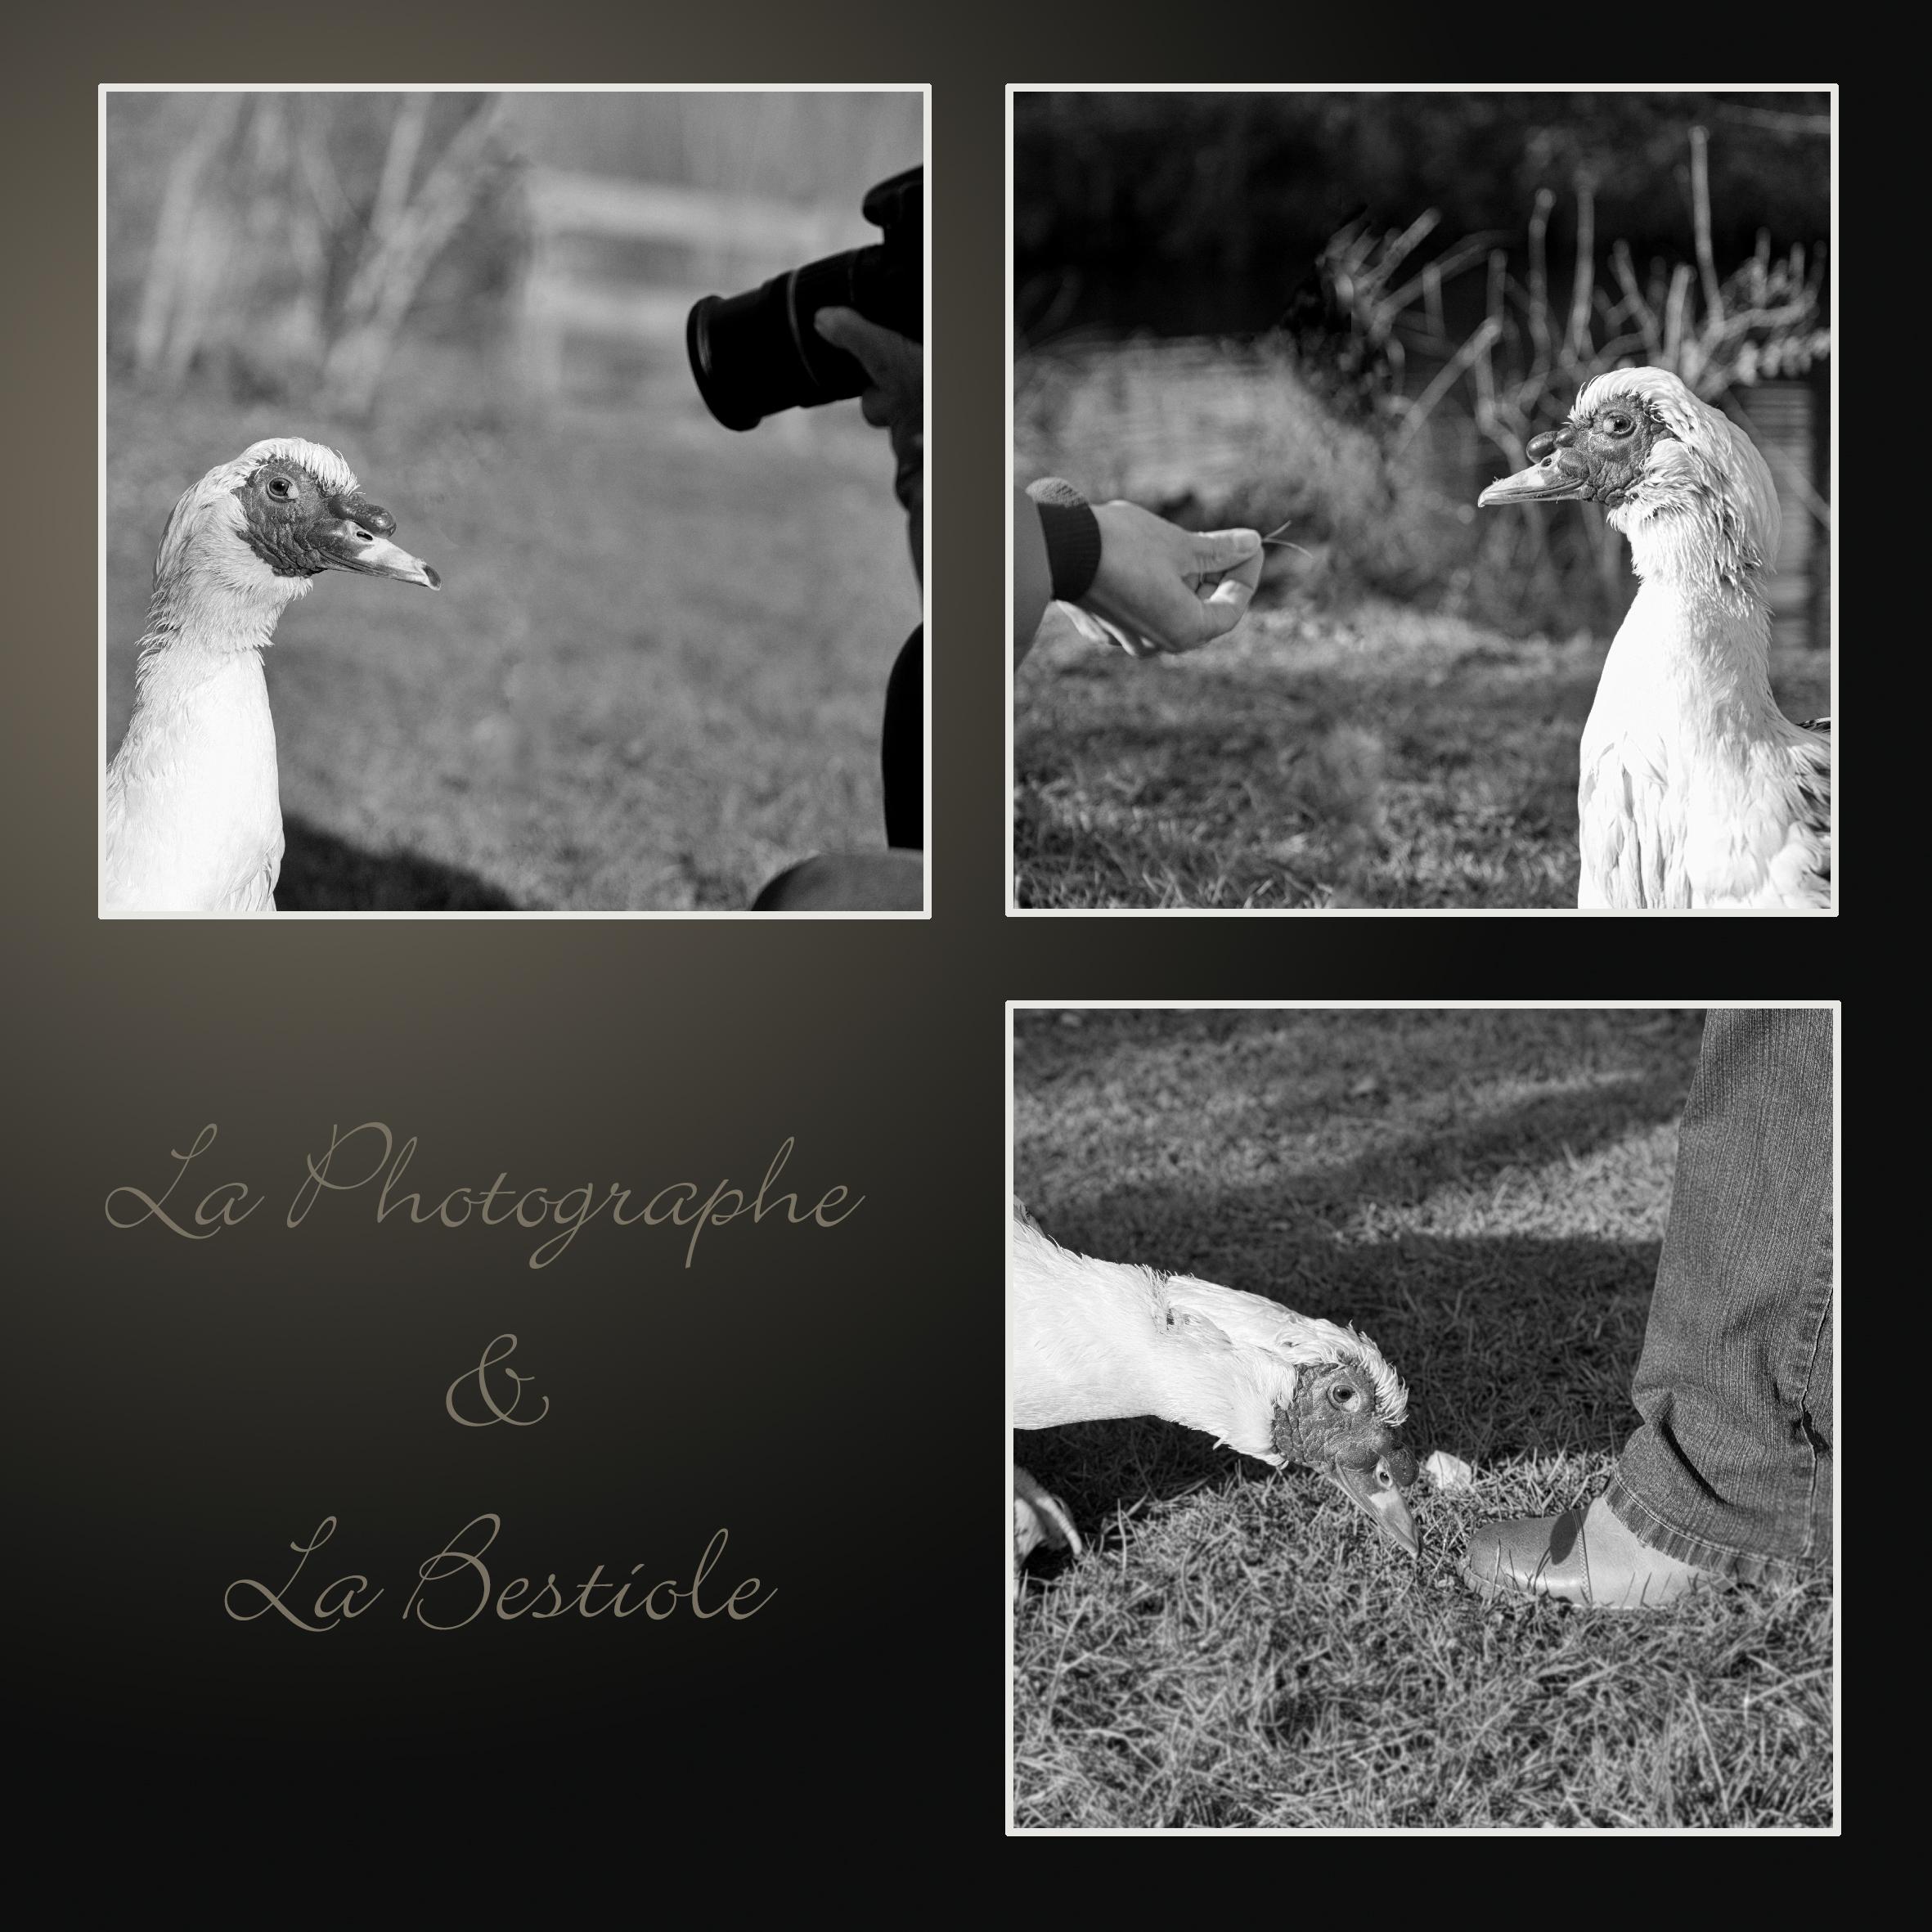 La Photographe et la Bestiole